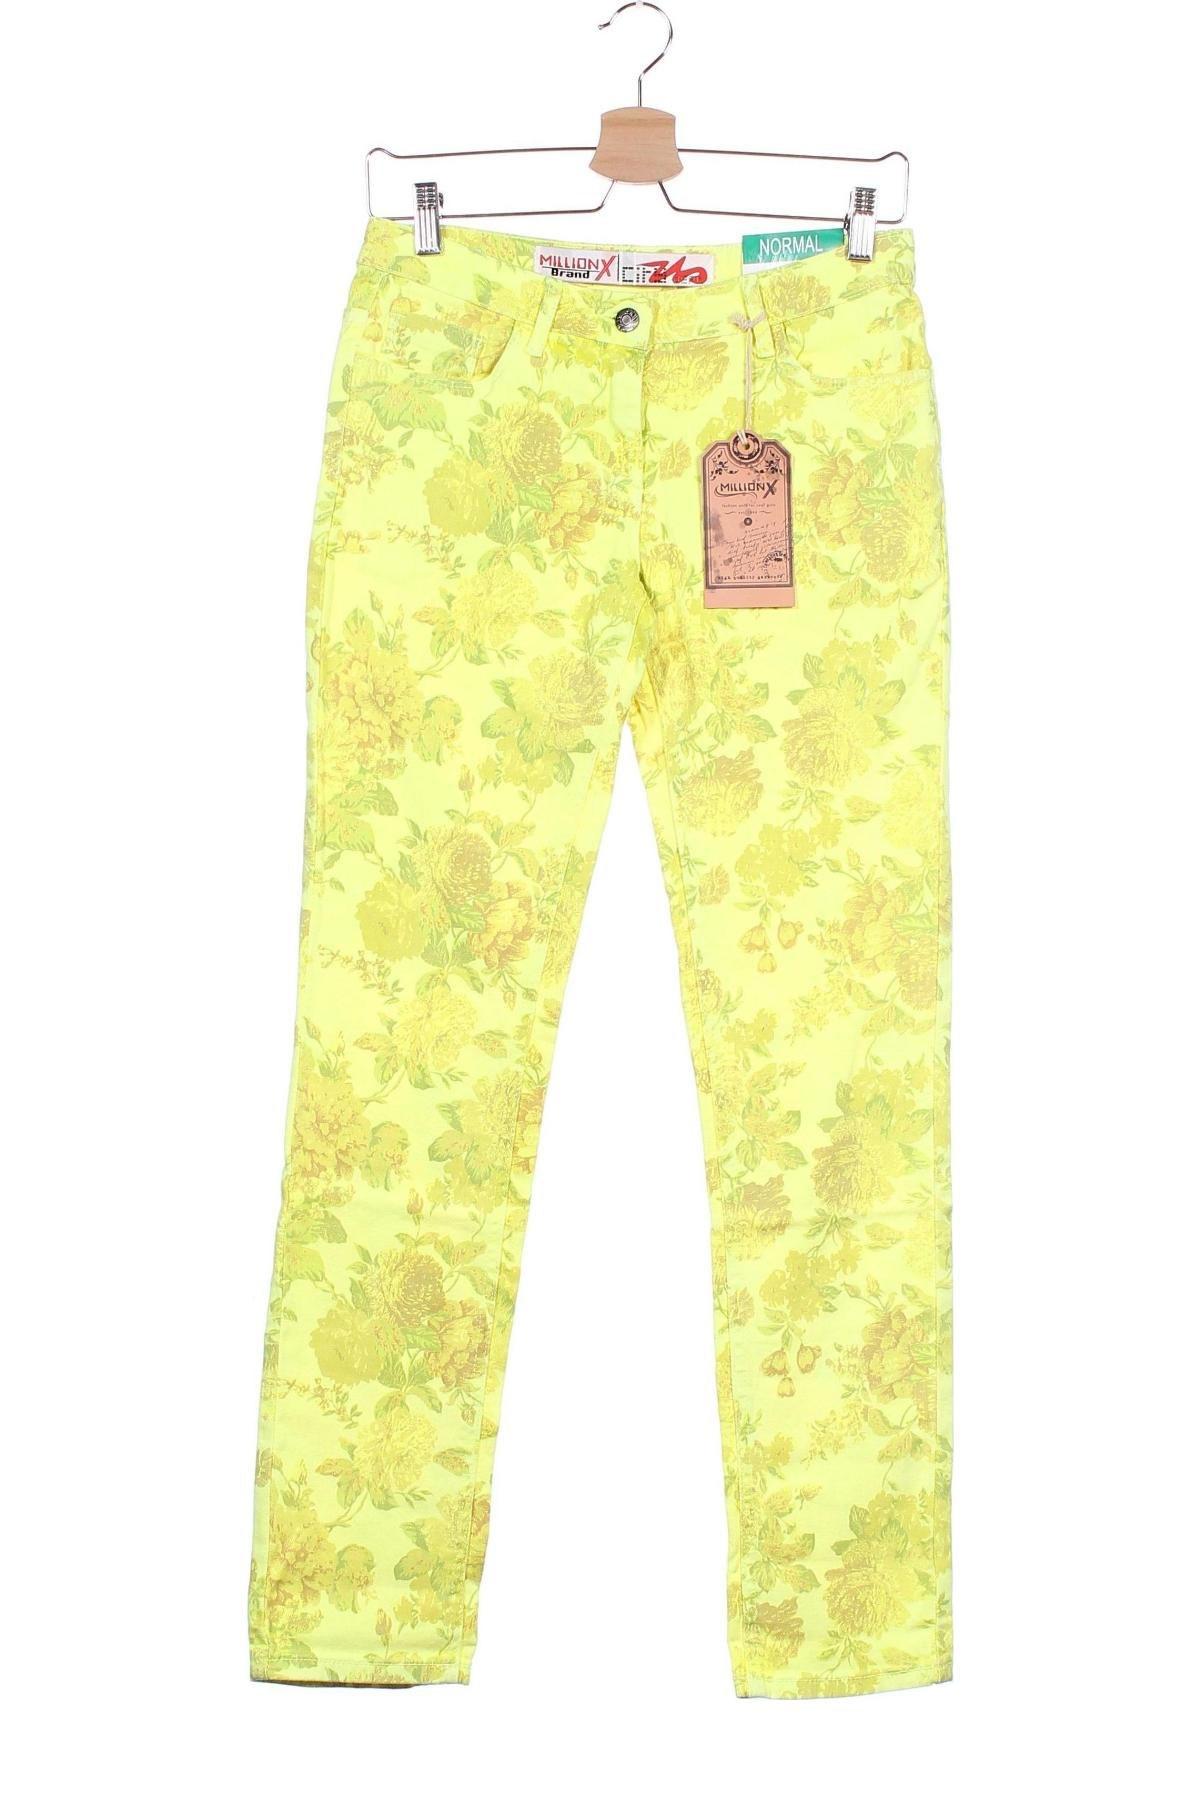 Παιδικό παντελόνι Million X, Μέγεθος 13-14y/ 164-168 εκ., Χρώμα Κίτρινο, 98% βαμβάκι, 2% ελαστάνη, Τιμή 10,64€